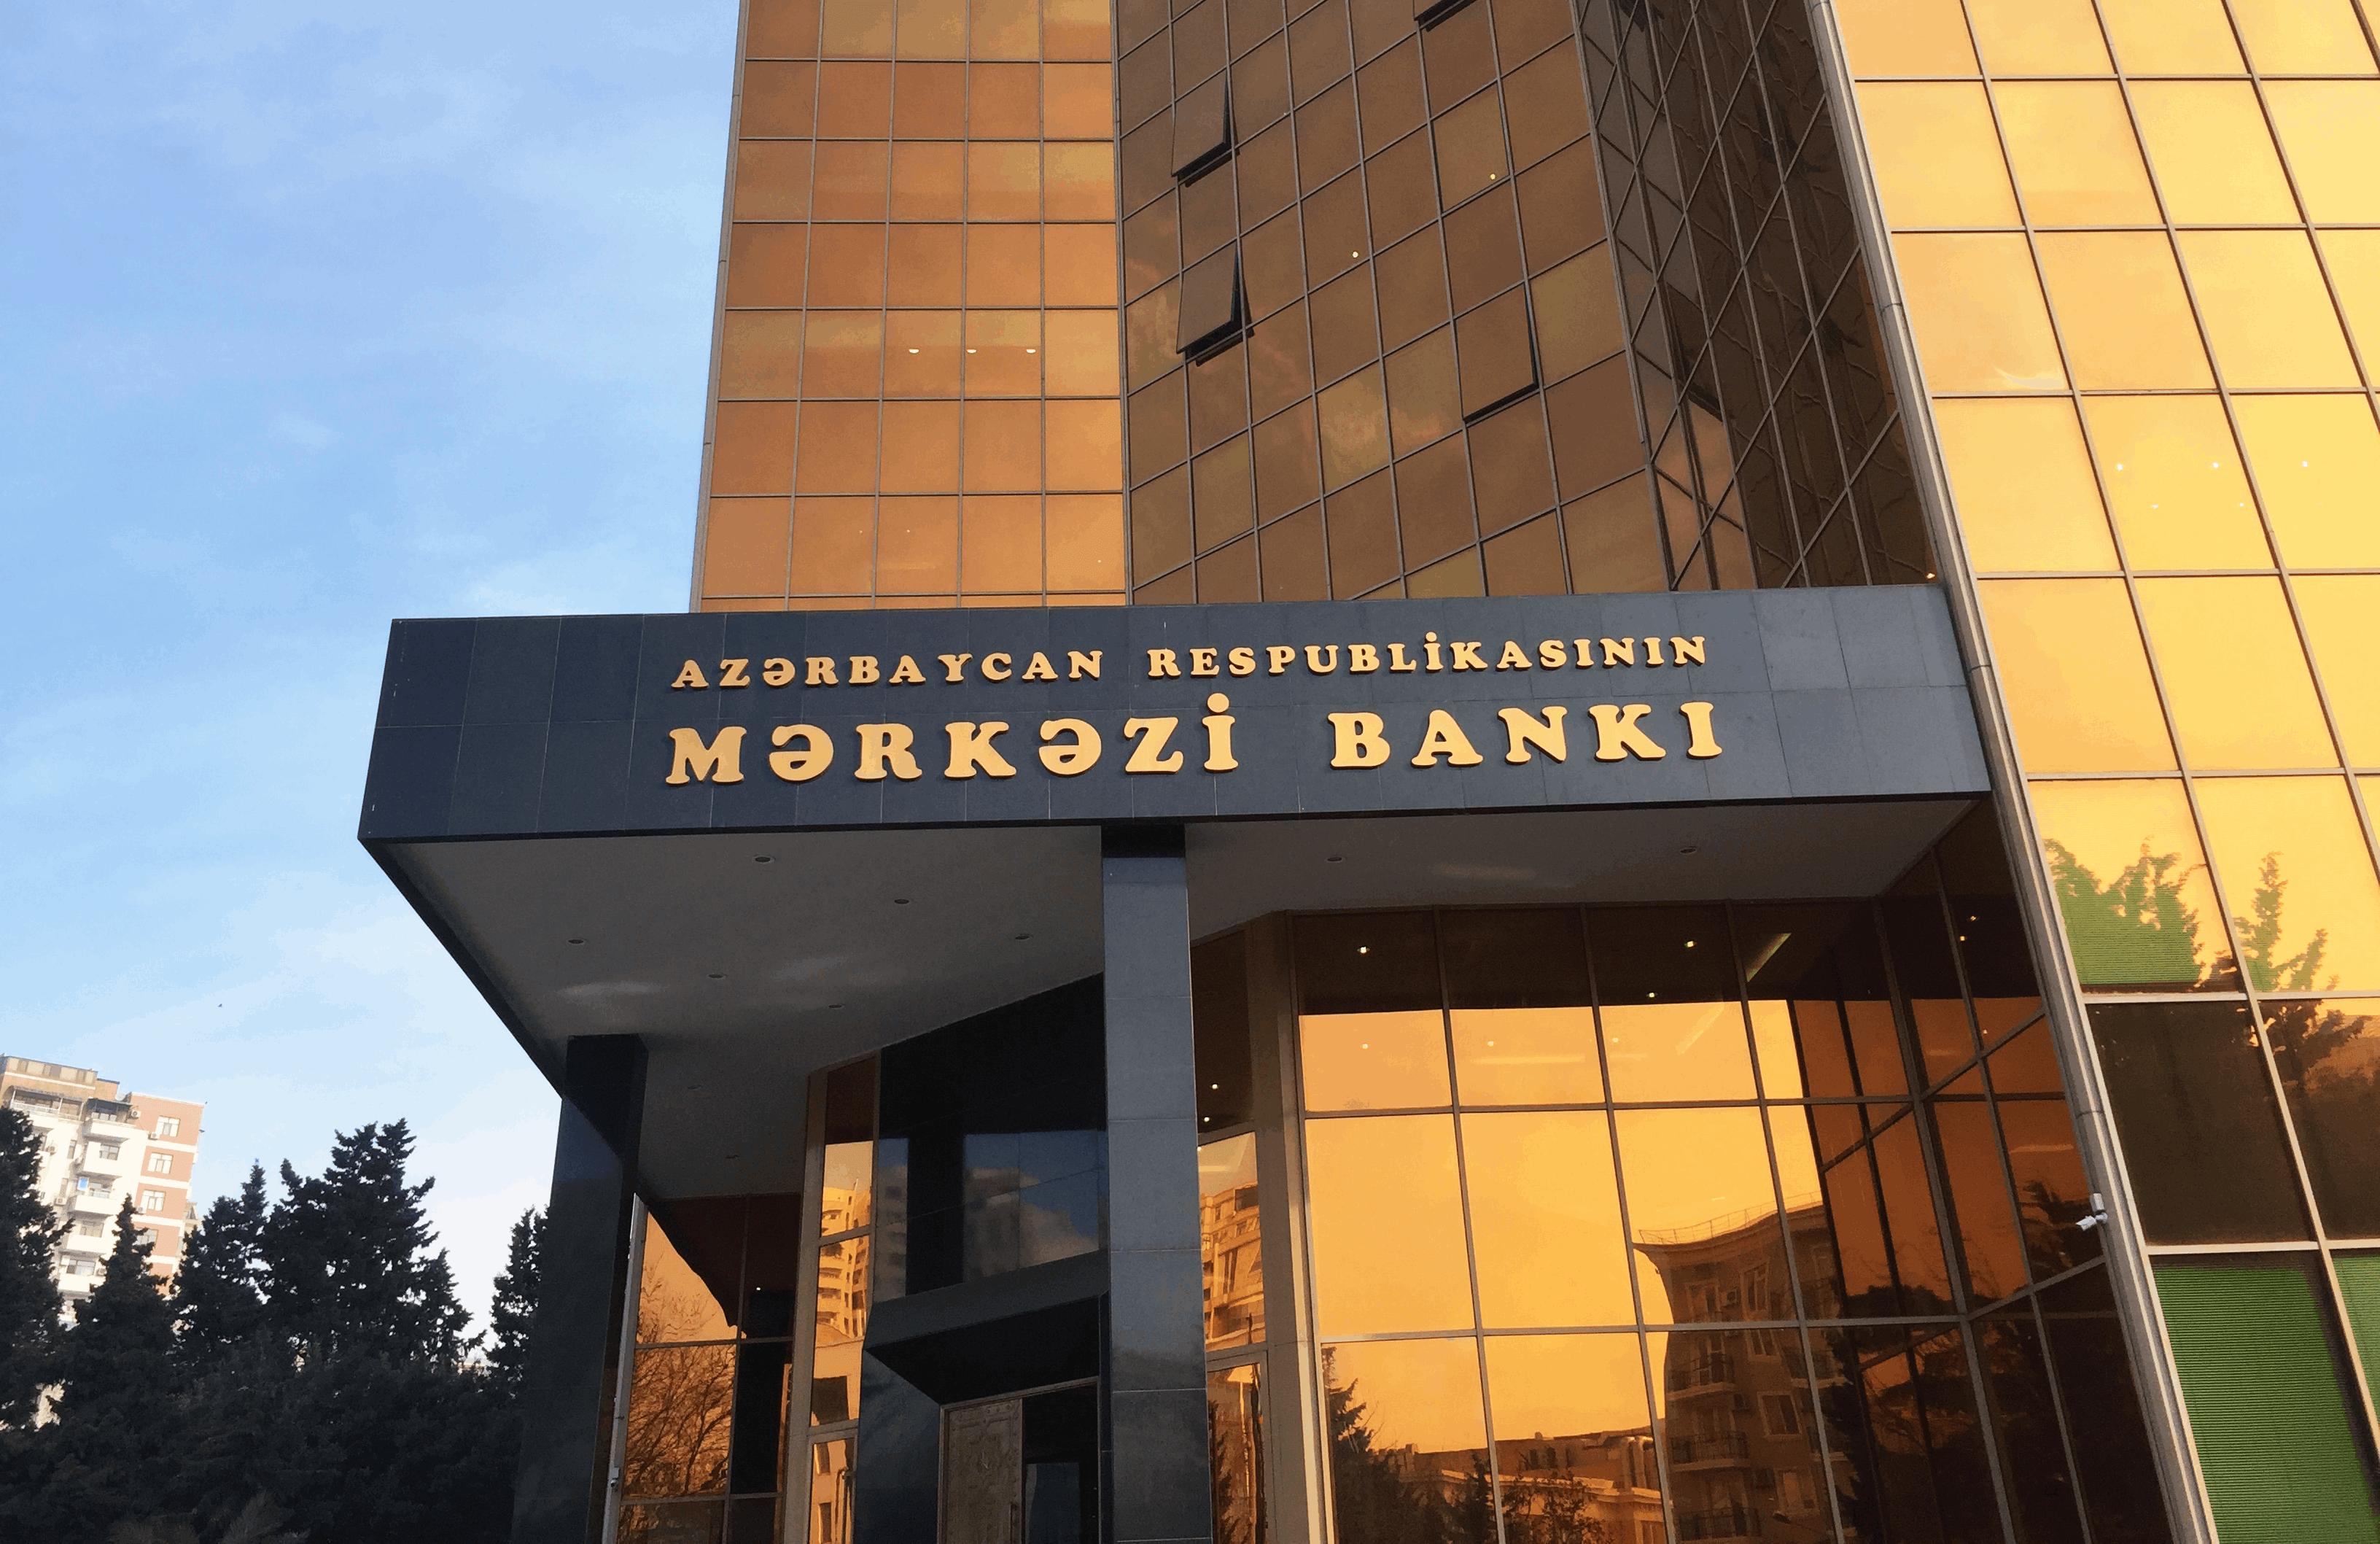 Mərkəzi Bankın qısamüddətli notlarının yerləşdirilməsi üzrə hərrac keçiriləcək